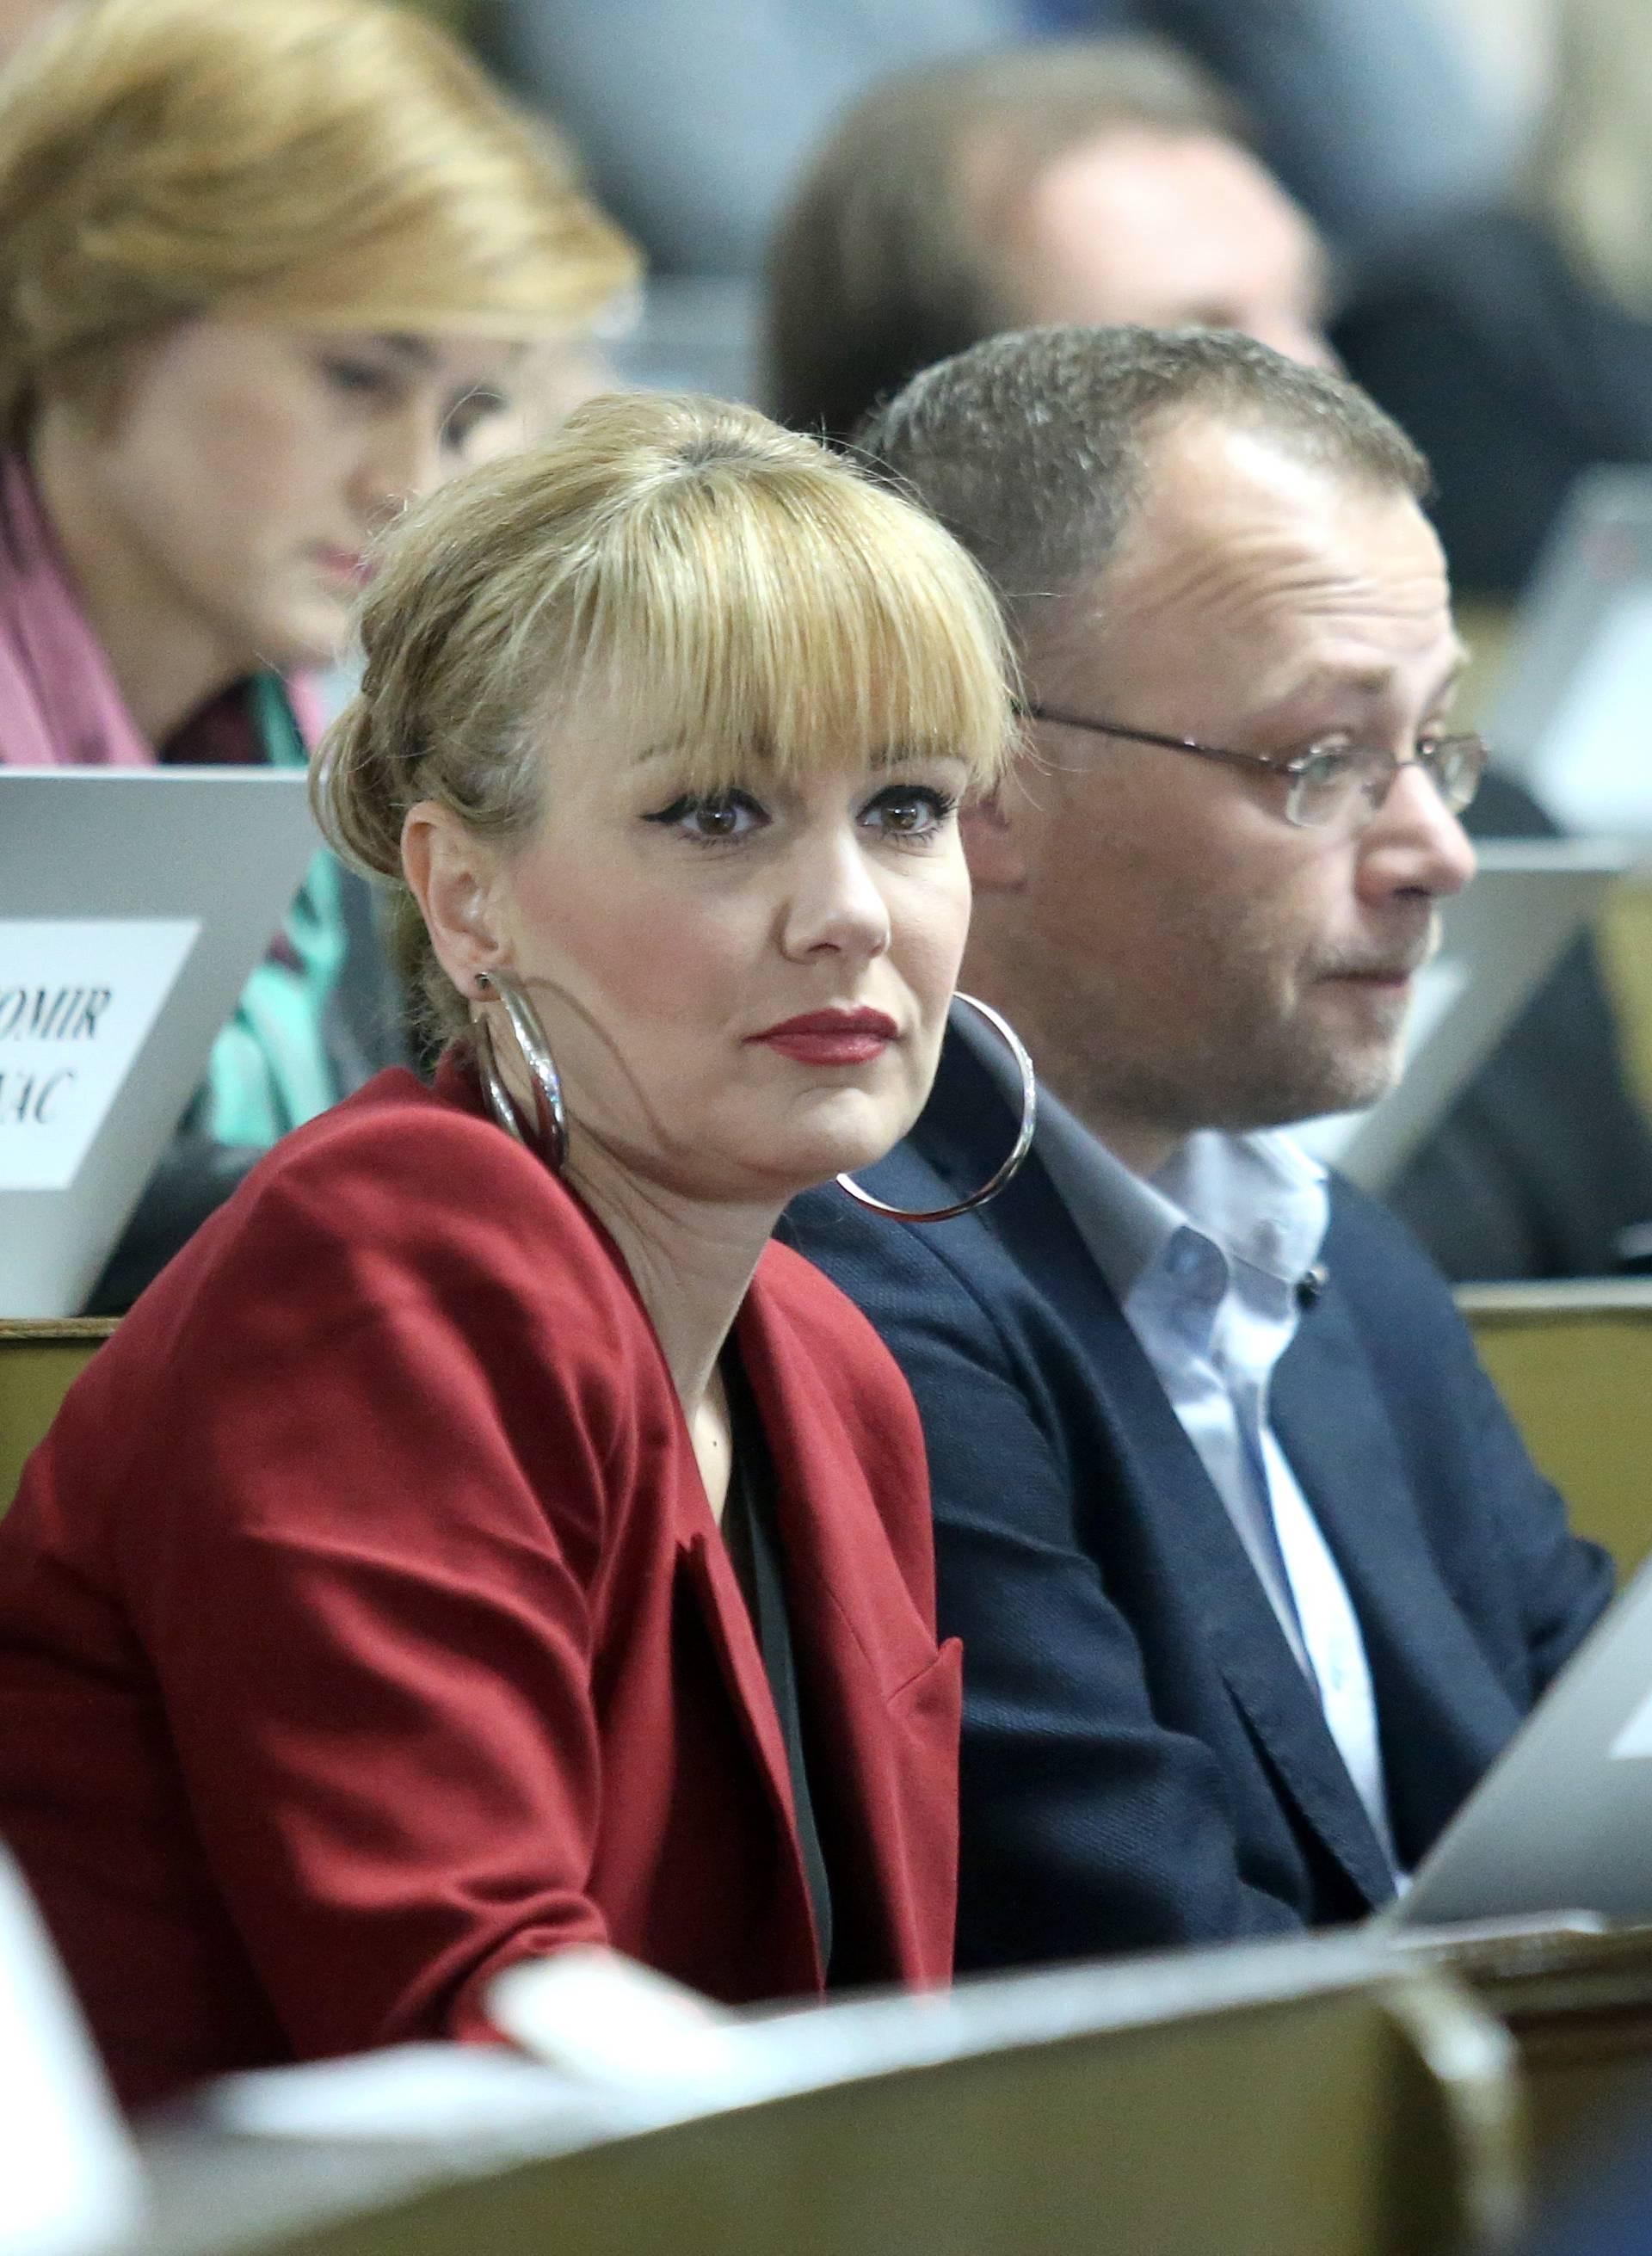 Sjednica zagrebačke Skupštine ipak je počela minutom šutnje